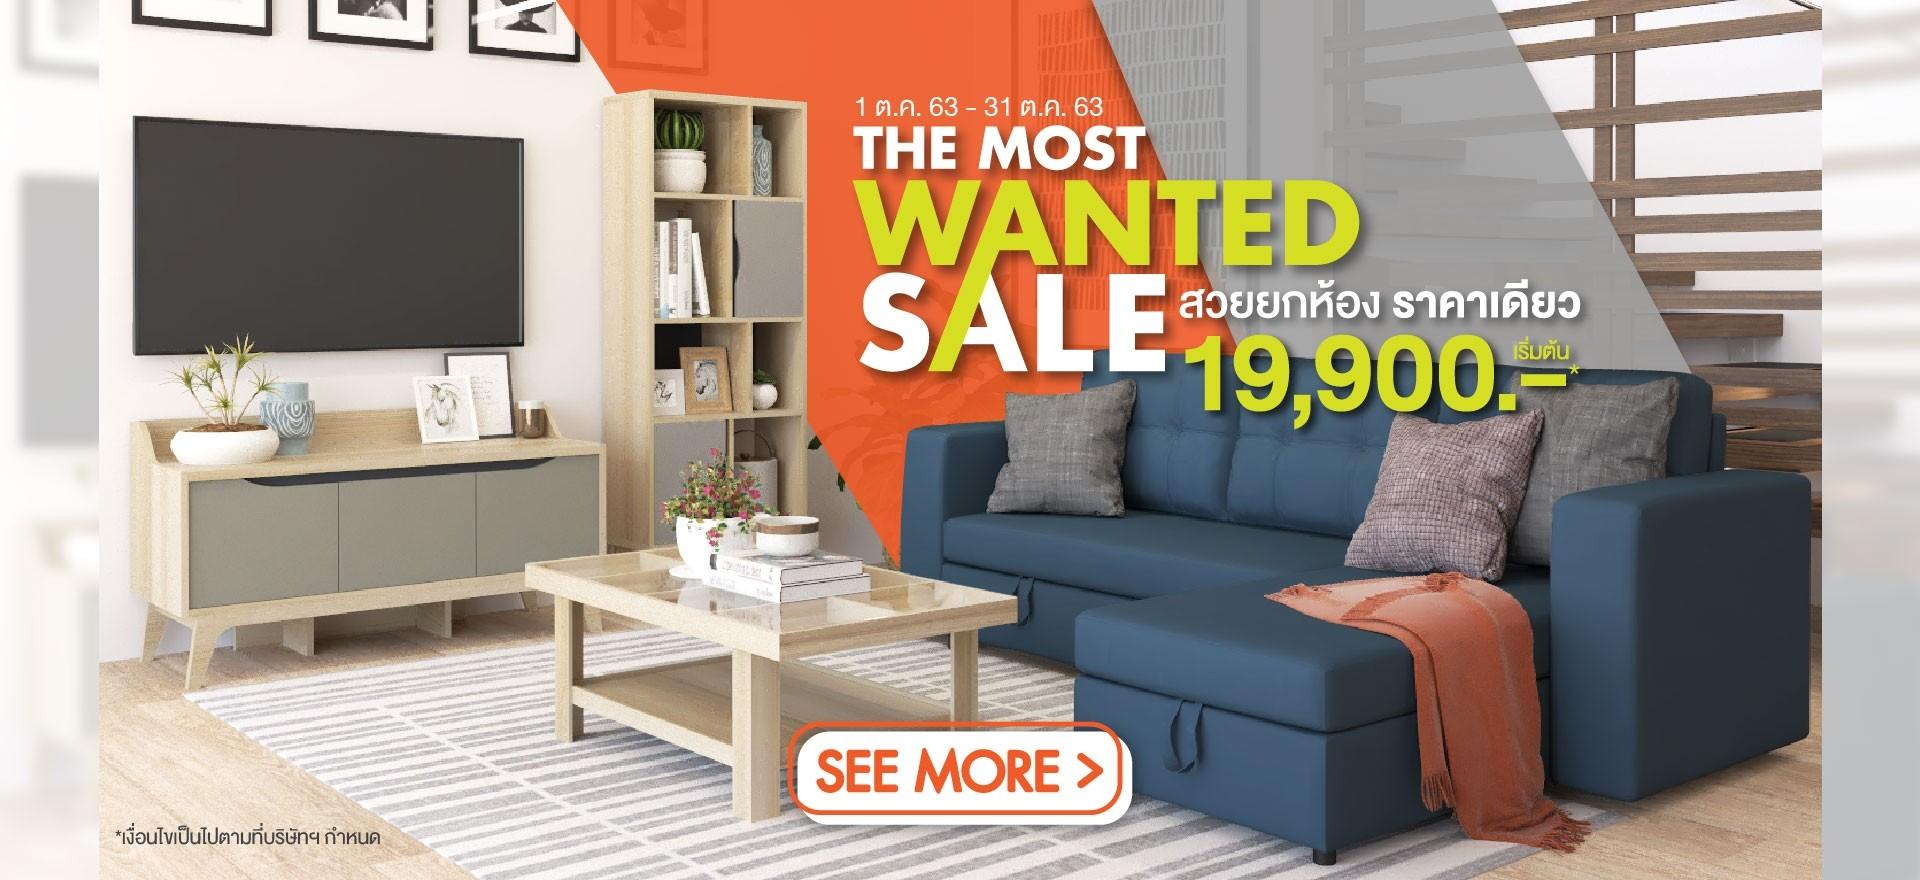 ที่สุดแห่งการช้อป ไปกับ SB Design Square The Most Wanted Sale จะแต่งห้องนอน, ห้องนั่งเล่น, ห้องทานข้าว, มุมทำงาน, มุมดูทีวี หรือมุมไหนๆ ก็แต่งสวยยกห้องได้ ในราคาเริ่มต้นที่ 19,900 บาท  พิเศษ แบ่งชำระสบายๆ ผ่อน 0% นาน 4 เดือน เมื่อมียอดสั่งซื้อครบ 6,000 บาทขึ้นไป  กับธนาคารที่ร่วมรายการ  หมายเหตุ : สินค้า Hot Price,Shock Price,Display Item,Clearance Sale และสินค้าฝากขายทุกประเภทไม่เข้าร่วมรายการ  ช่องทางการสั่งซื้อ - ช้อปผ่านเว็บไซต์ - ทักแชตสั่งซื้อกับแอดมินใน Line ได้เลย > https://bit.ly/2Wtv26M - ทัก Inbox สั่งซื้อกับแอดมินได้เลย http://bit.ly/SBFBchat - หรือที่ SB Design Square ทุกสาขา